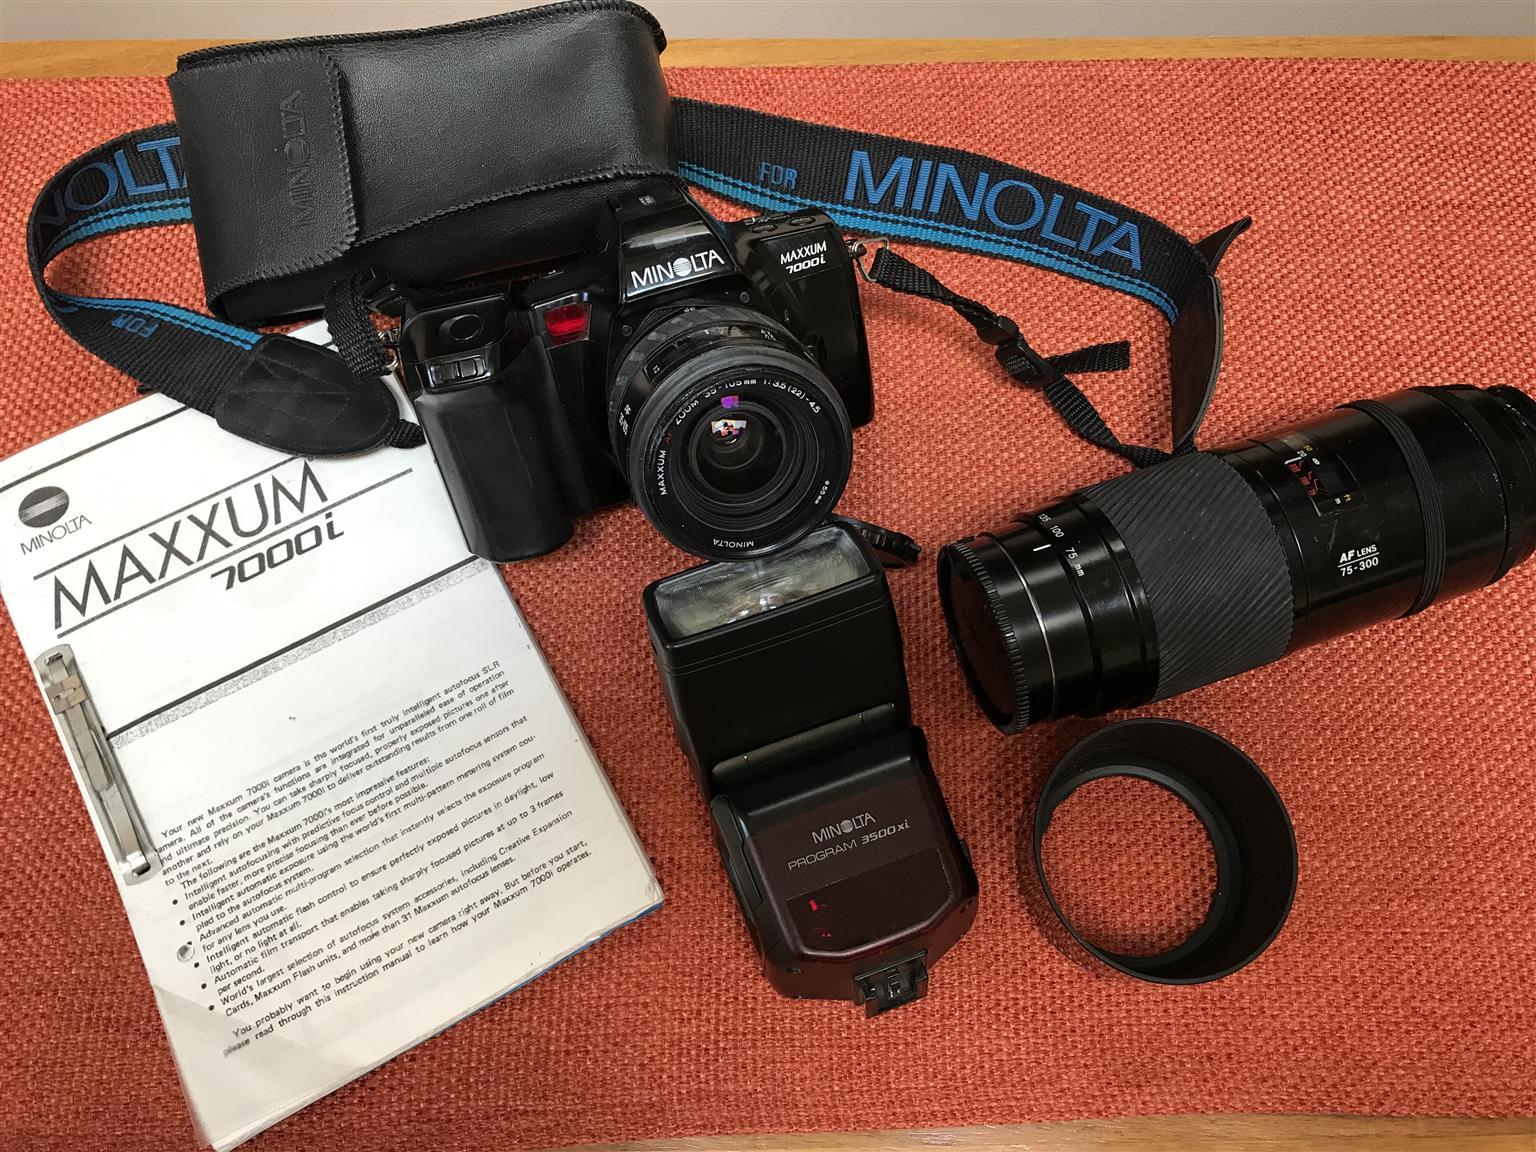 Minolta Maxxum 7000 - plus lenses and flash